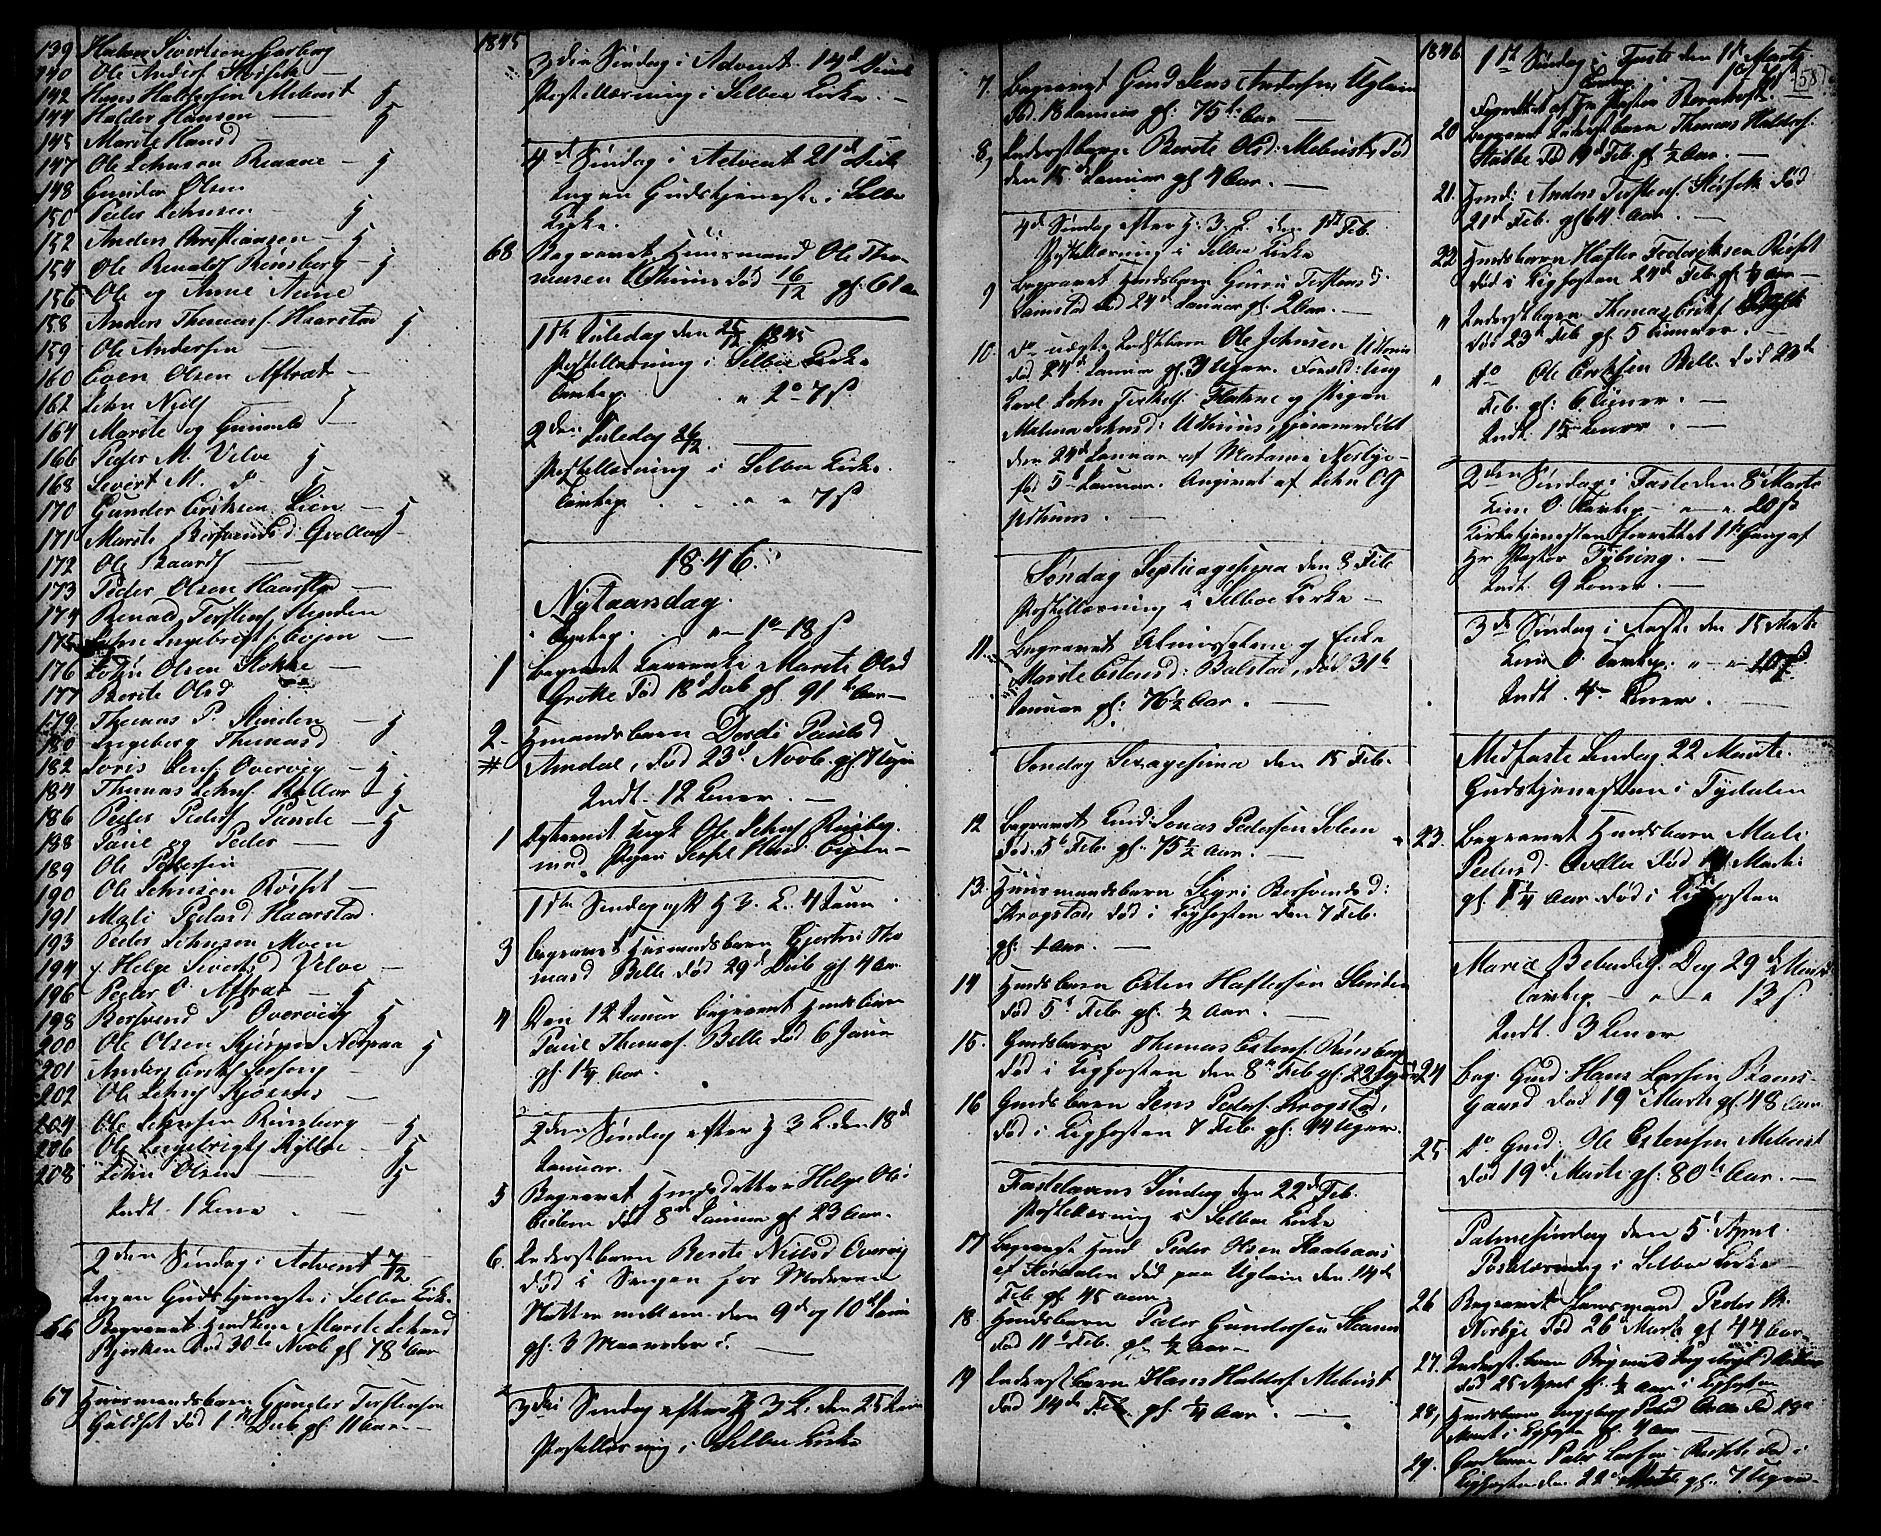 SAT, Ministerialprotokoller, klokkerbøker og fødselsregistre - Sør-Trøndelag, 695/L1154: Klokkerbok nr. 695C05, 1842-1858, s. 58